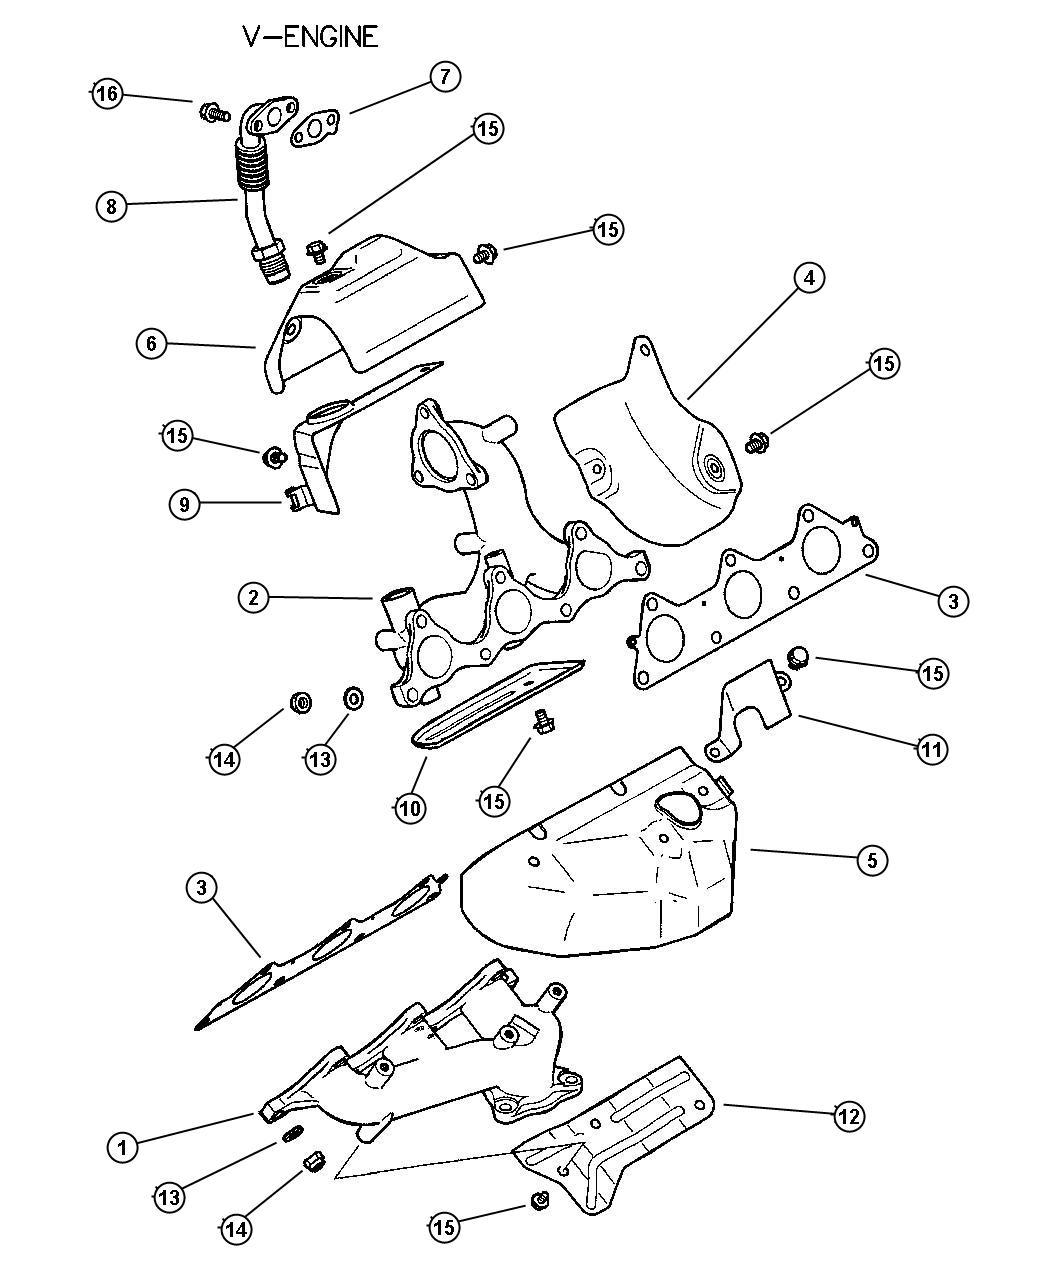 Chrysler Sebring Gasket. Egr tube flange. Manif, exh